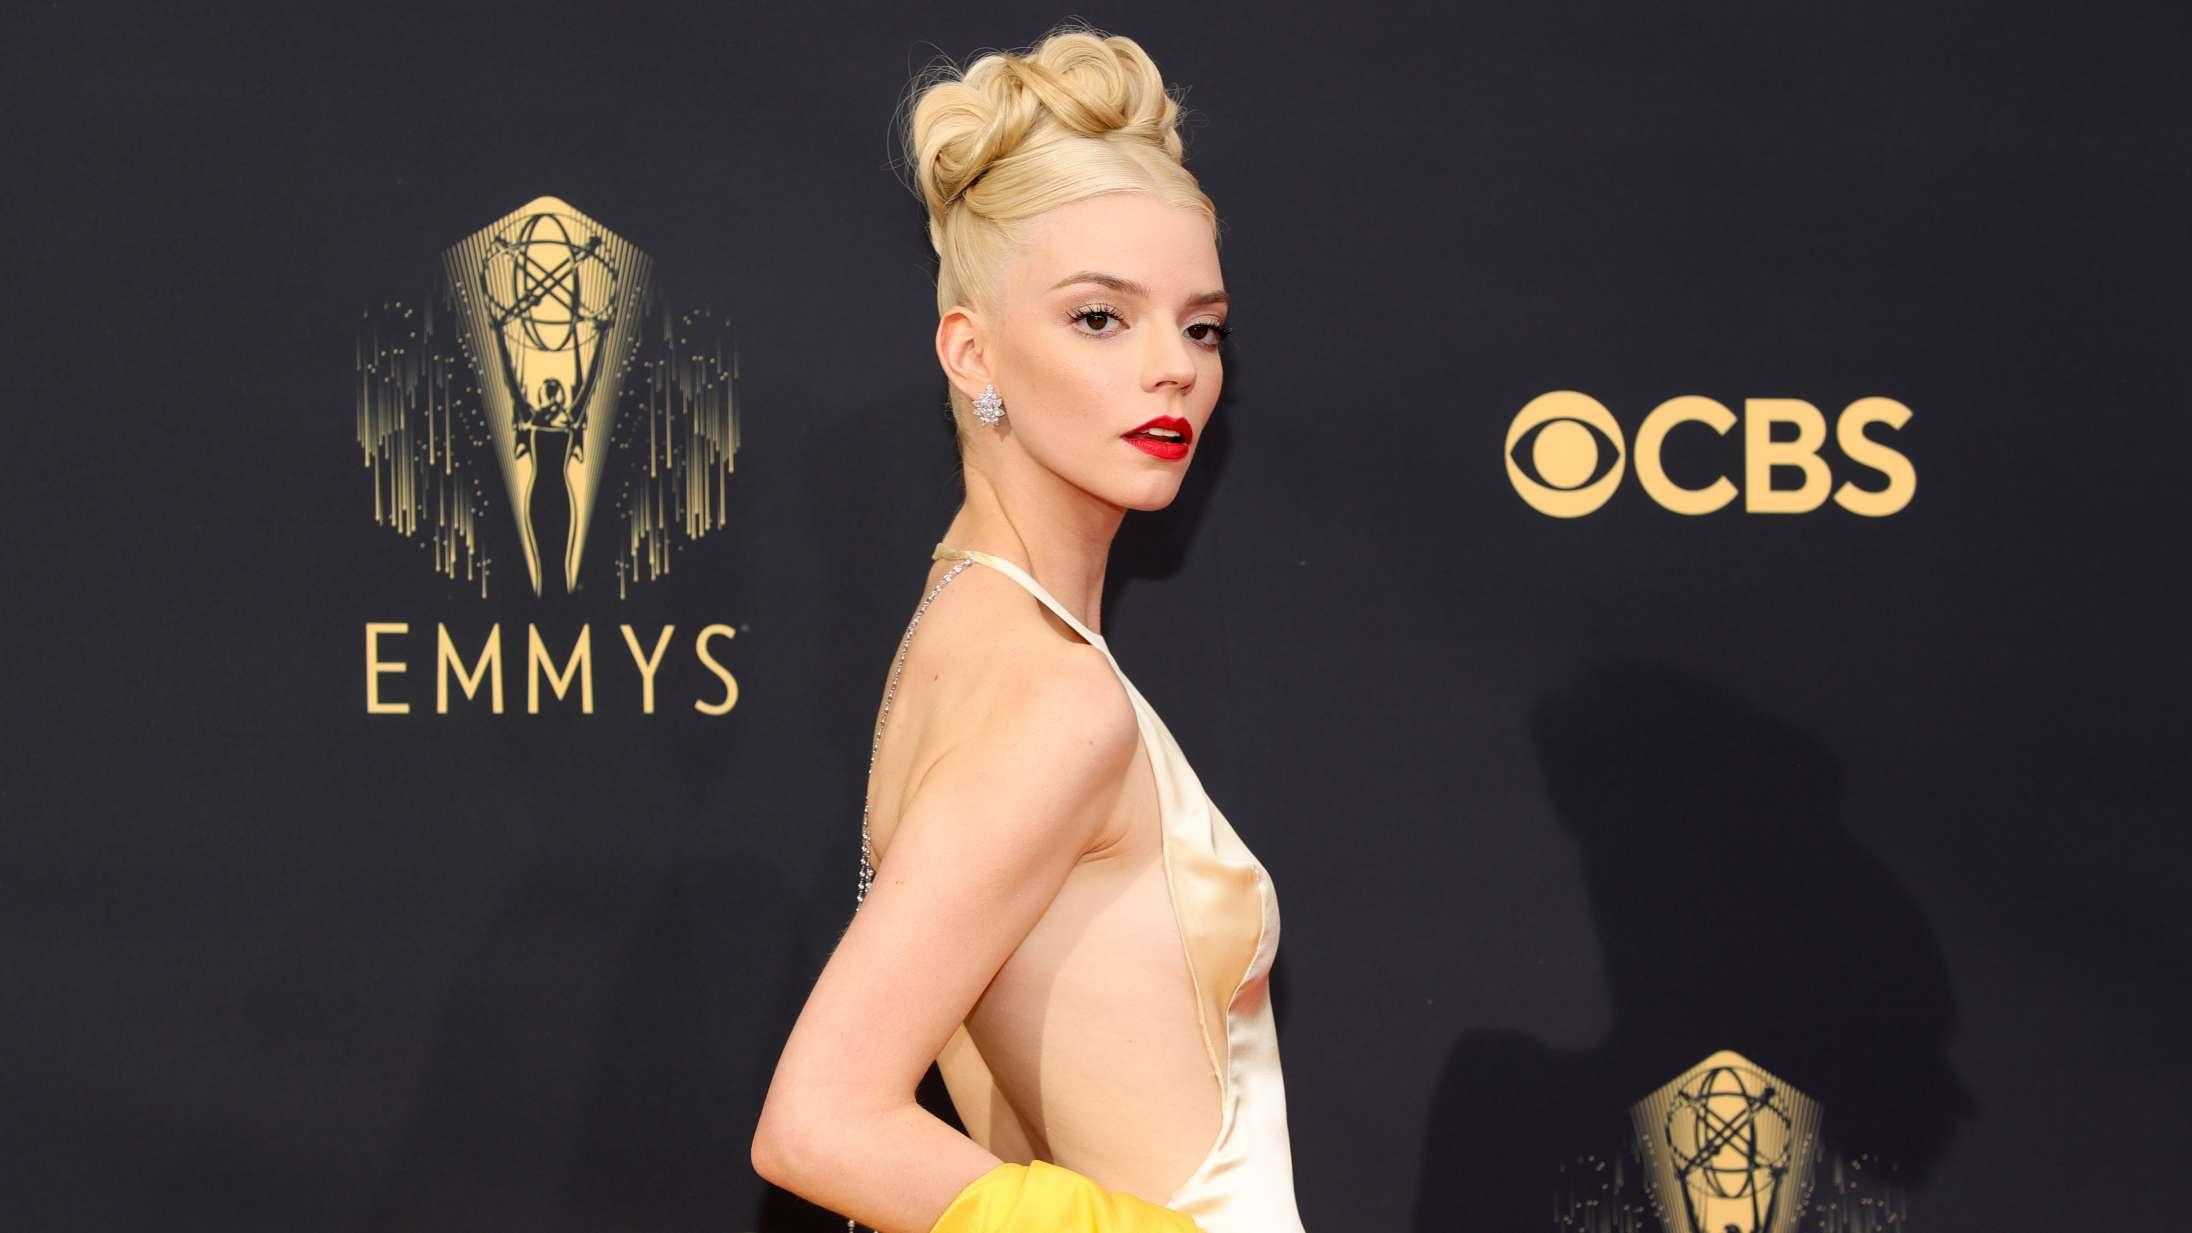 De fire vigtigste konklusioner efter nattens Emmy-uddeling